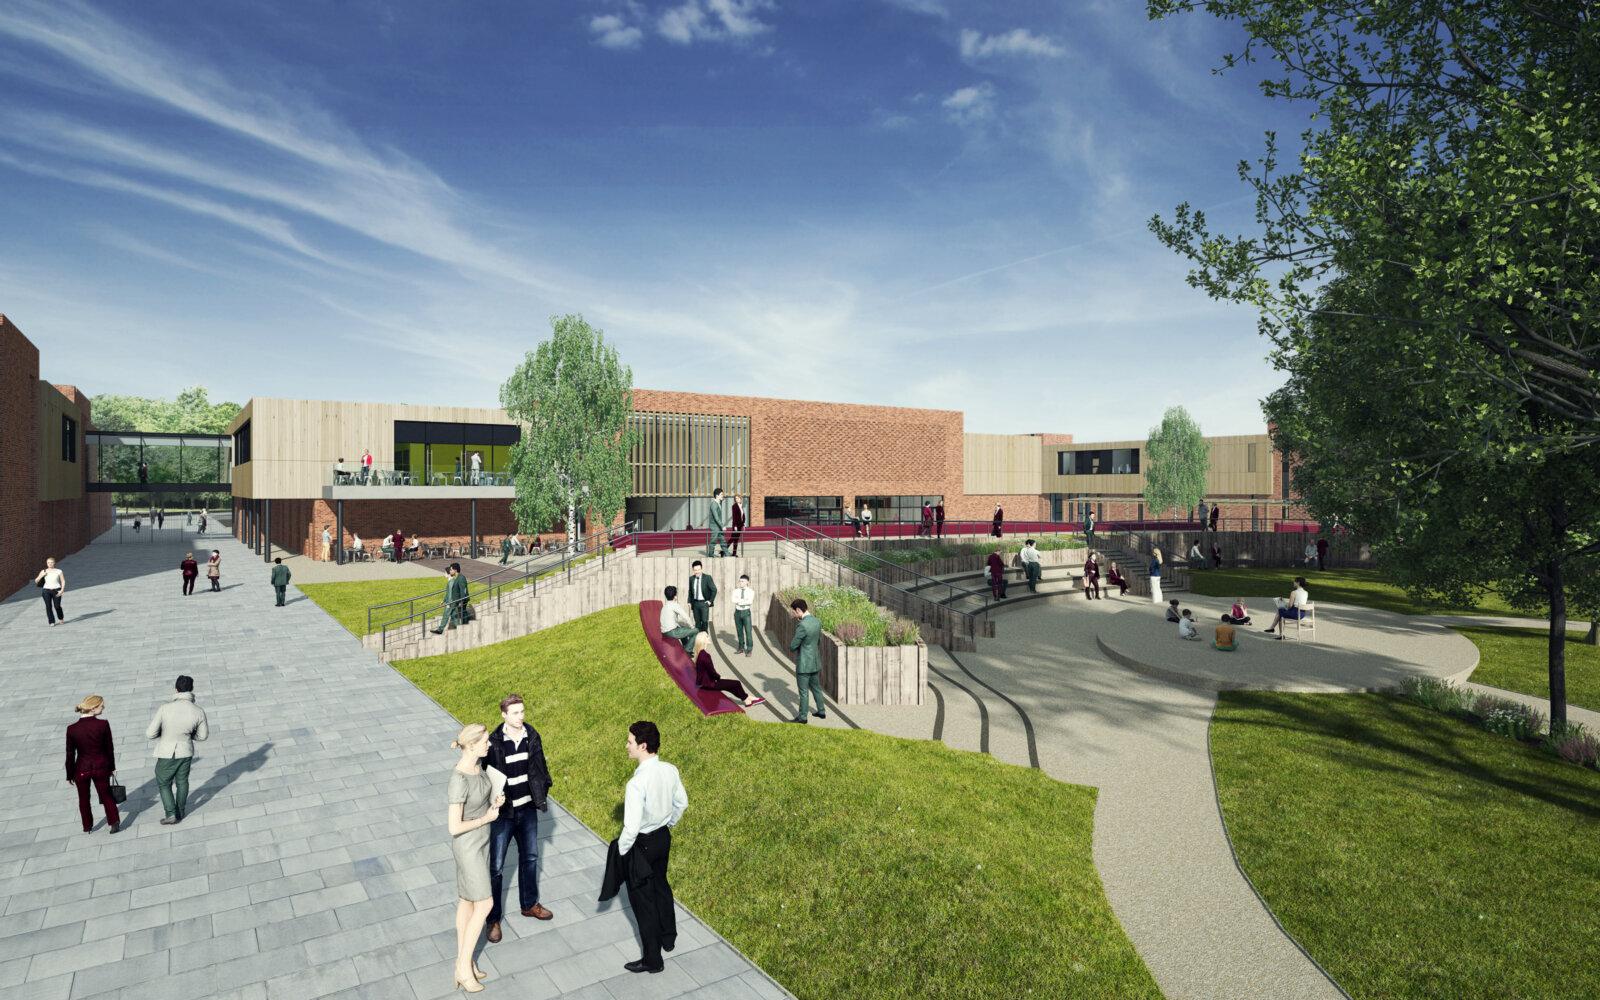 Claires Court School entrance CGI